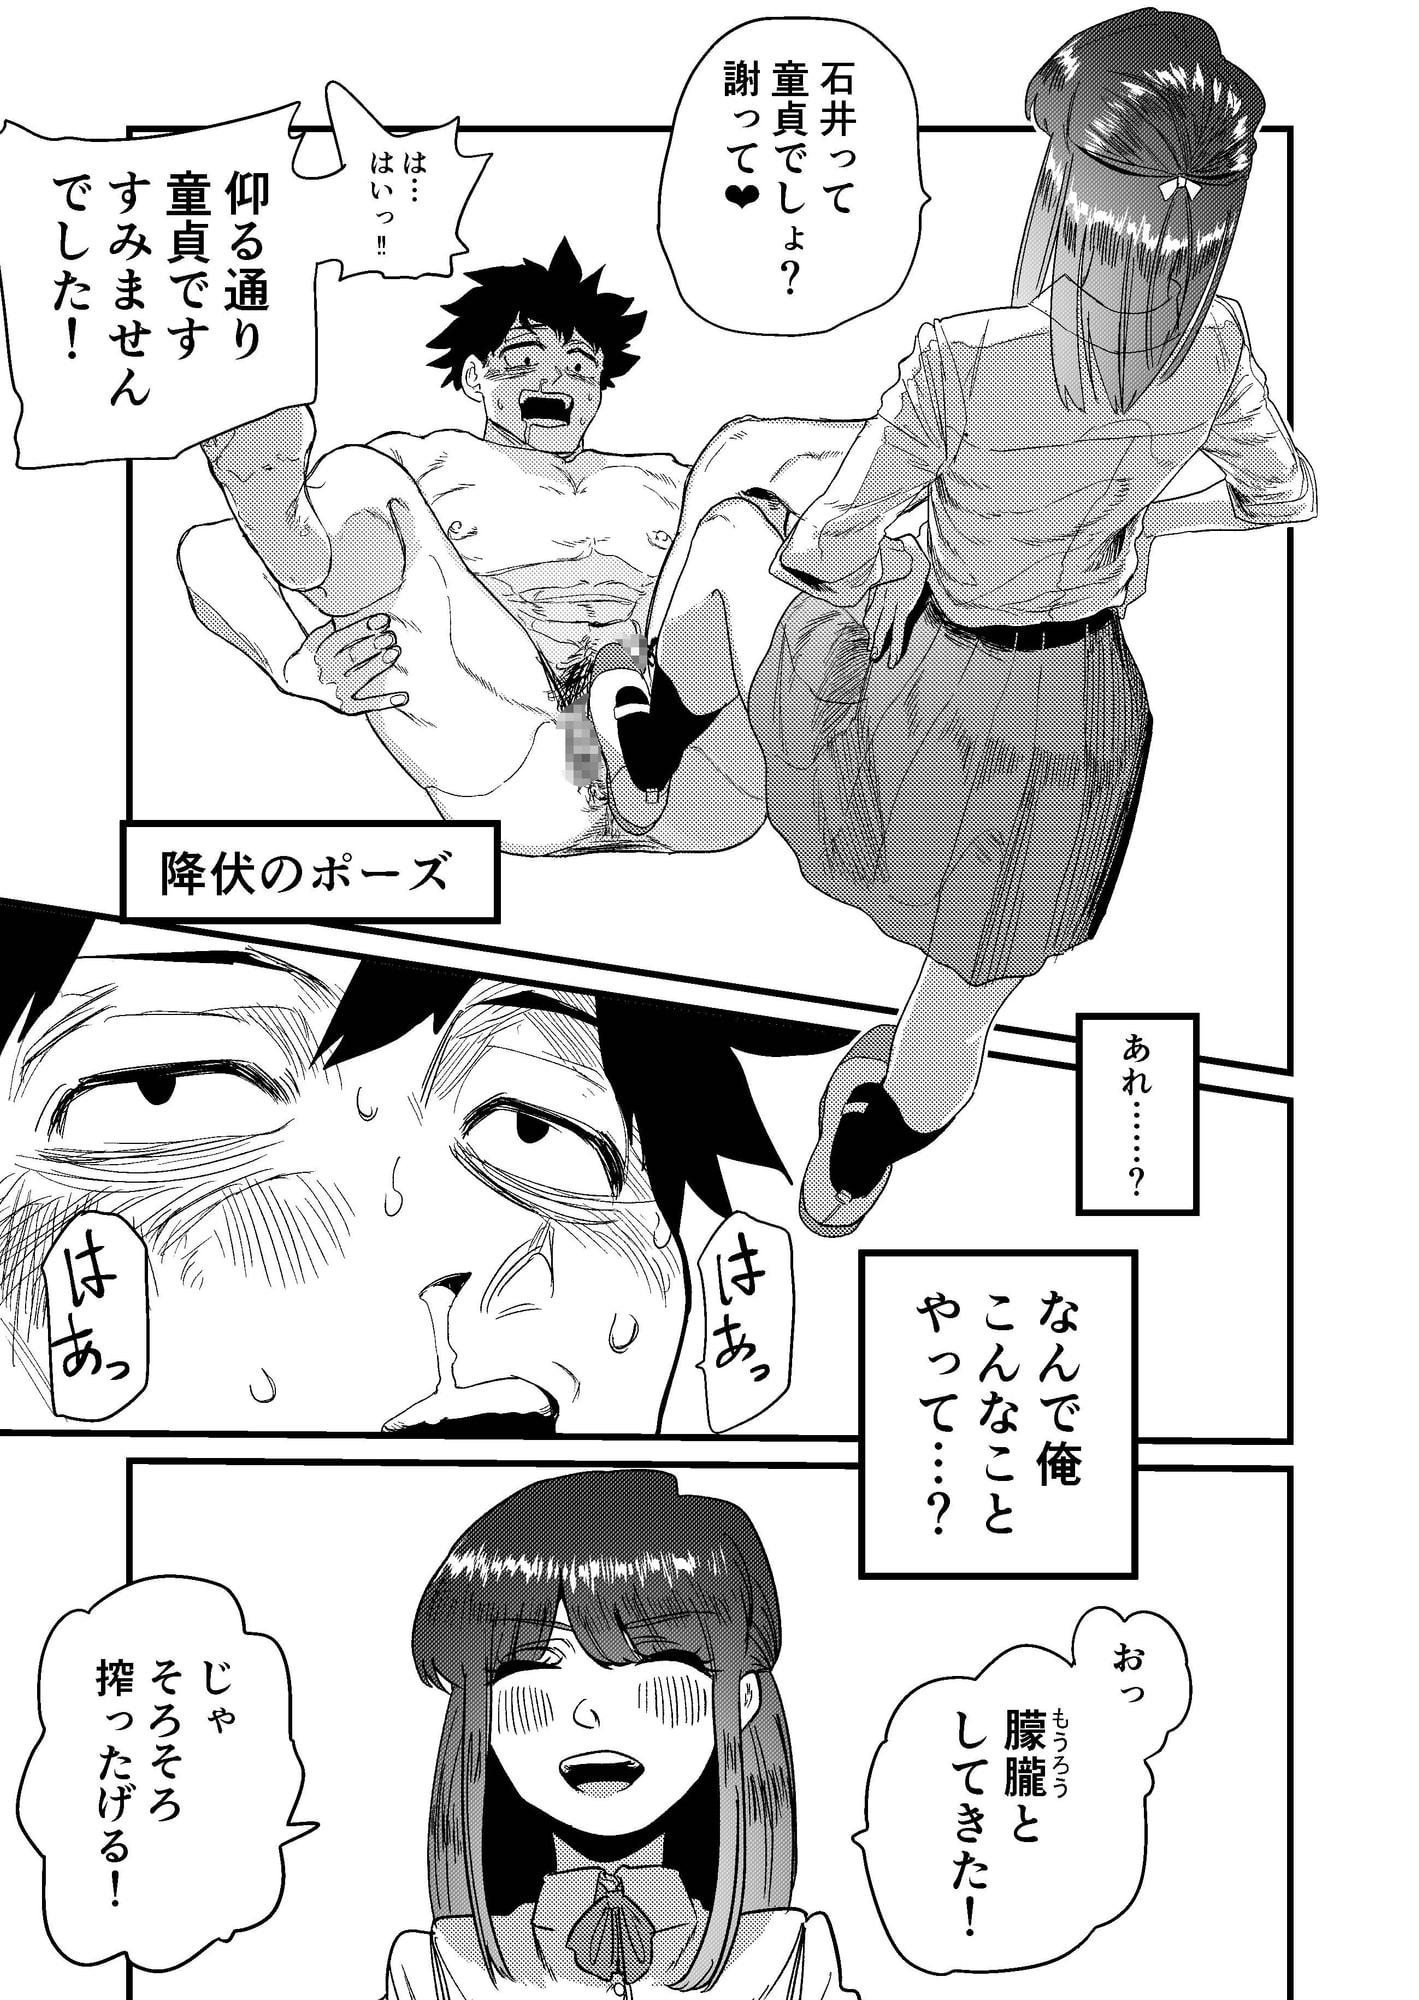 【エロ漫画】マゾ狩り西野さん 逆転無し×射精管理「サークル:ももちょび」【同人誌・コミック】#3